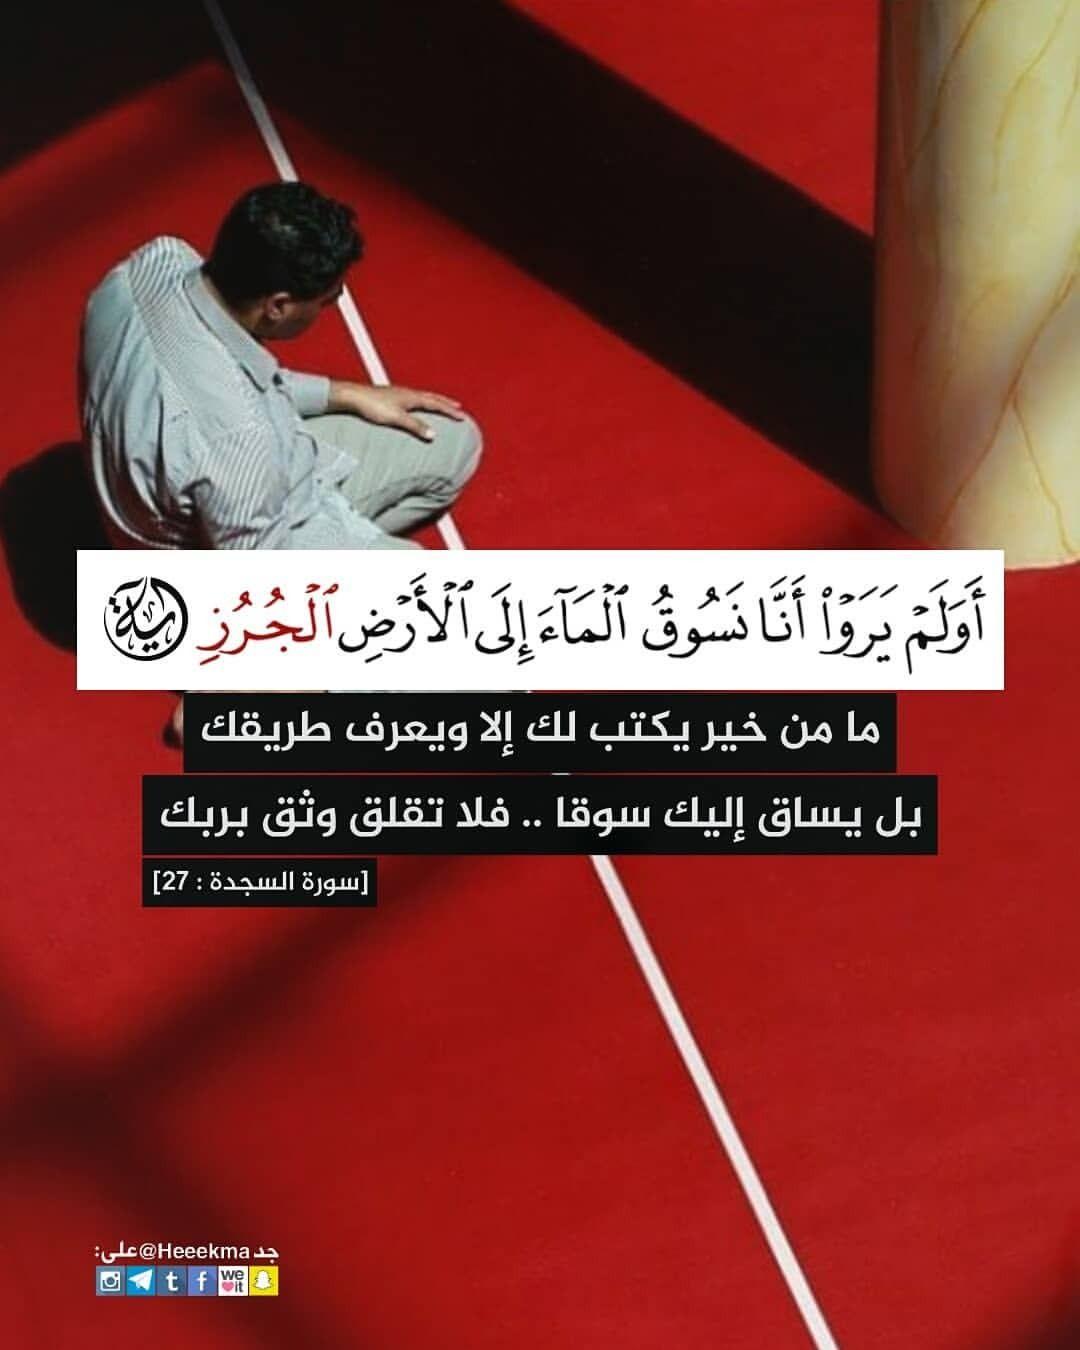 أولم يروا أنا نسوق الماء إلى الأرض الجرز ما من خير يكتب لك إلا ويعرف طريق ك بل يساق إليك سوقا فلا تقلق و Quran Quotes Quran Verses Islamic Quotes Quran